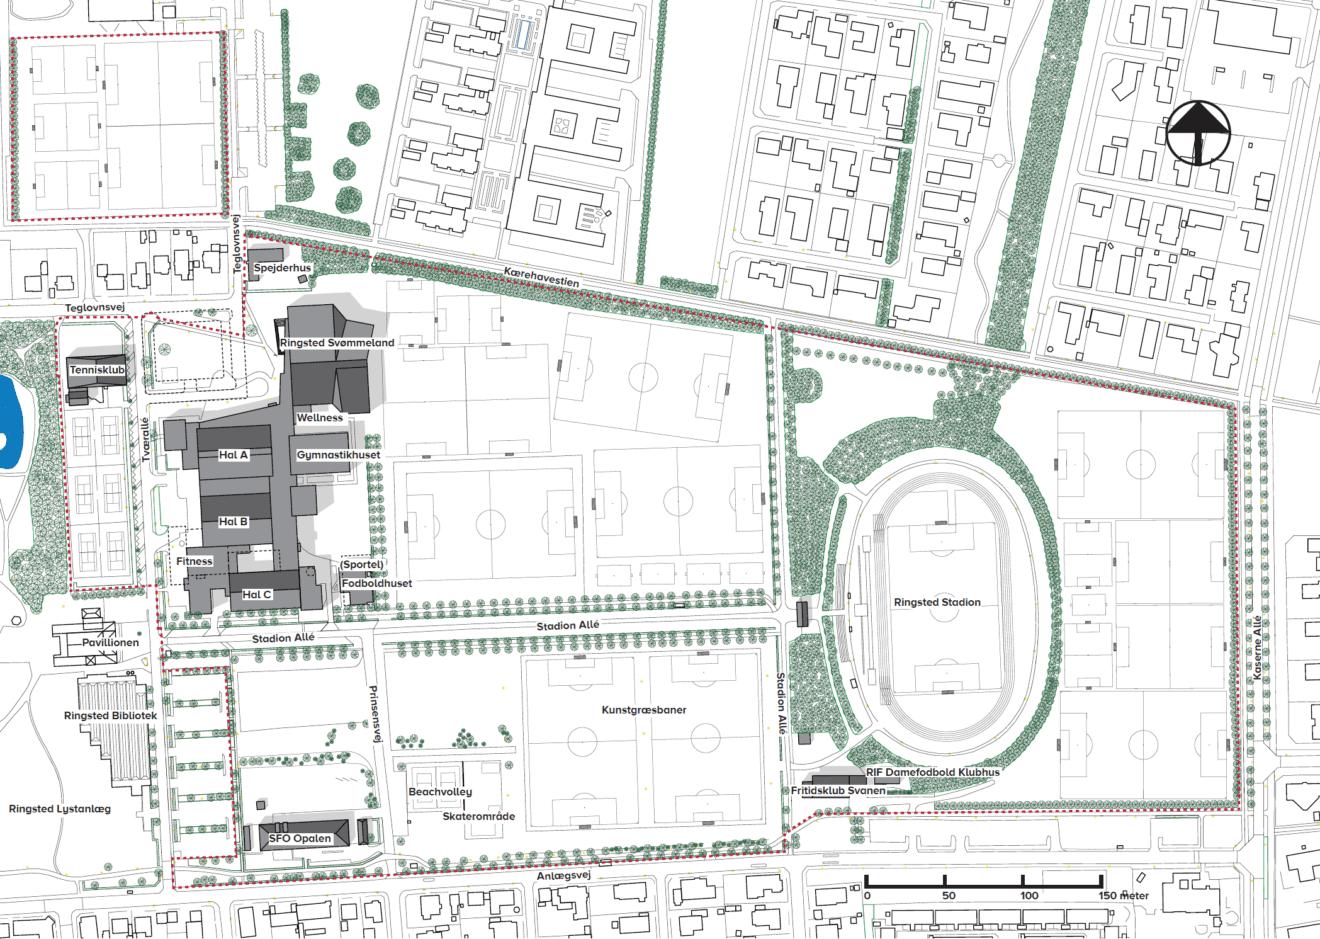 Ringsted Sport Center modtager mange idéer til udvikling af sit udeareal